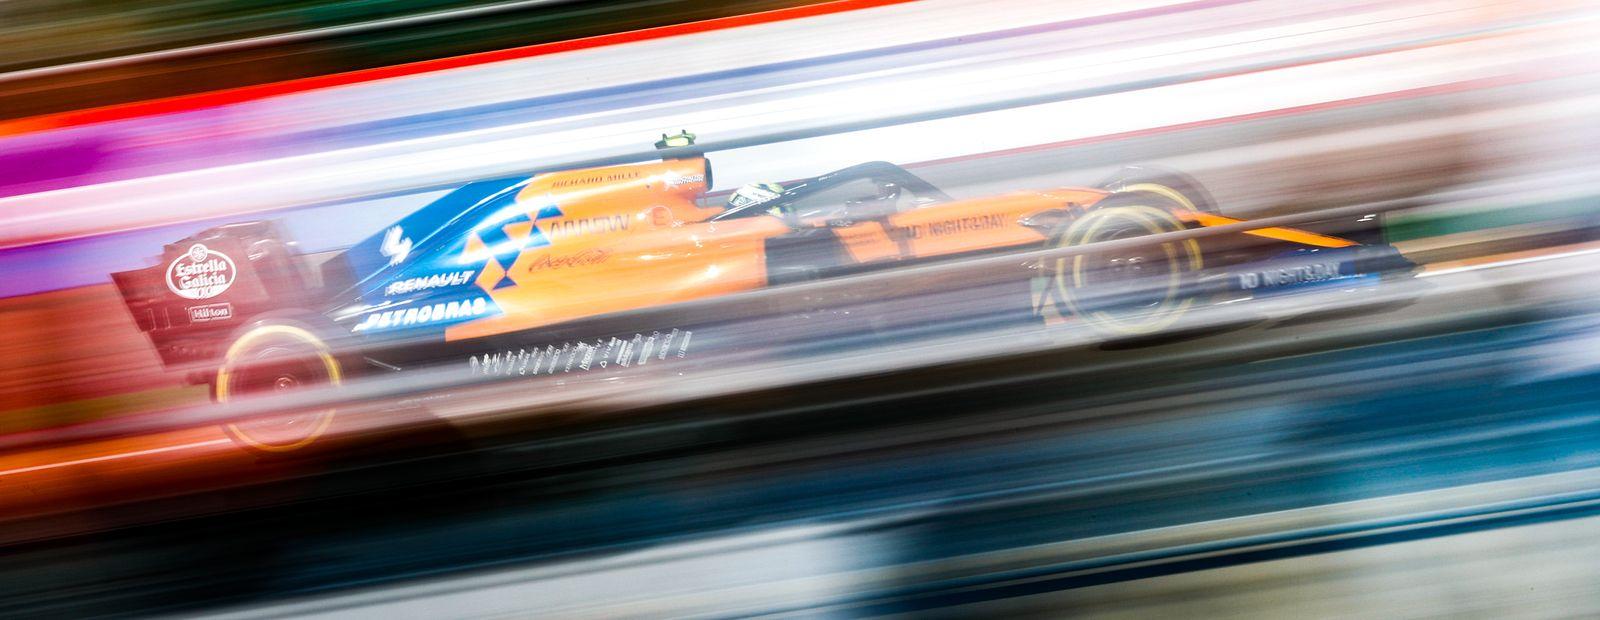 McLaren Racing - 2019 Belgian Grand Prix